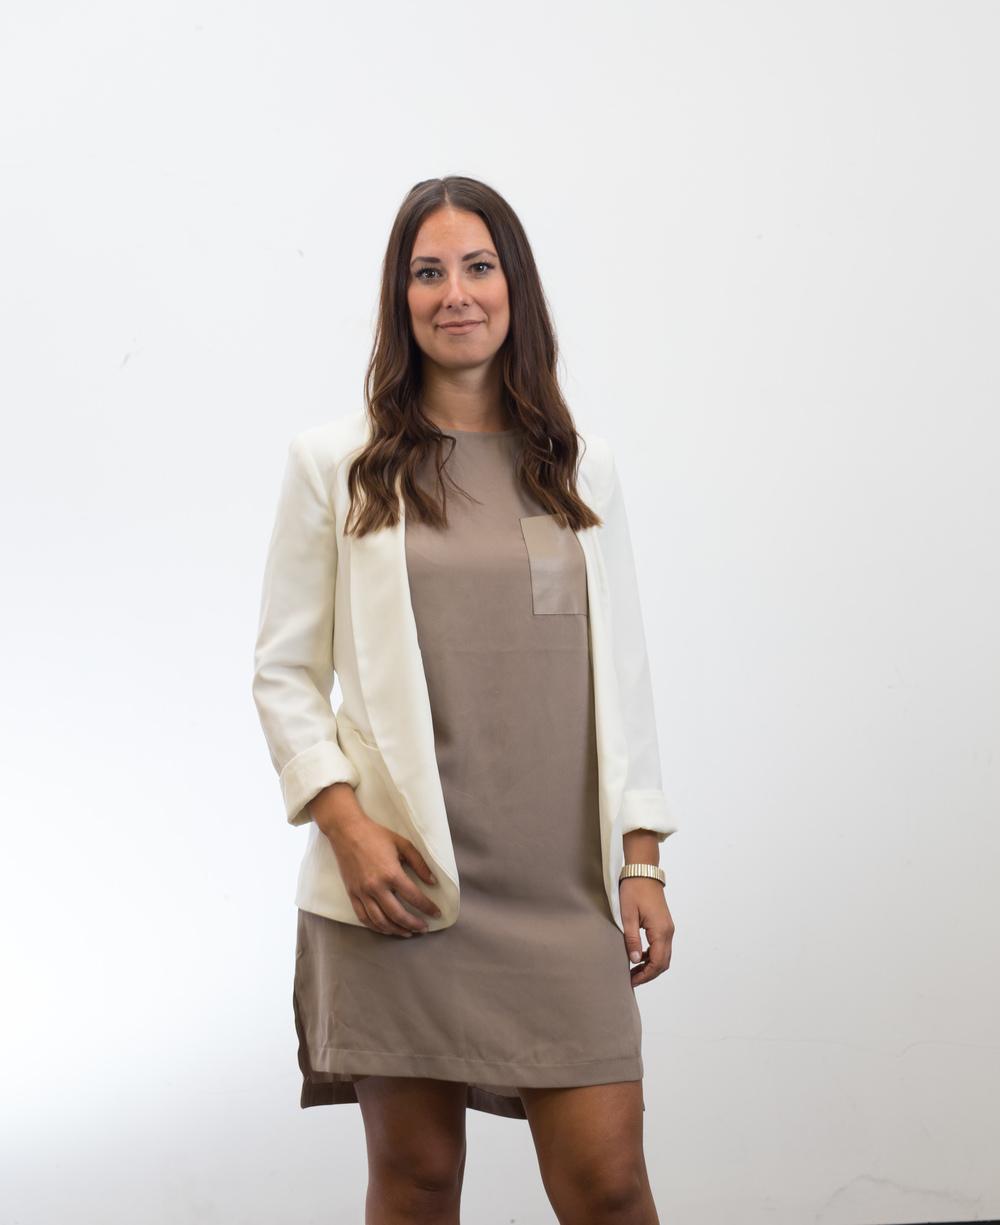 Natalie Monteith / Senior Interior Designer